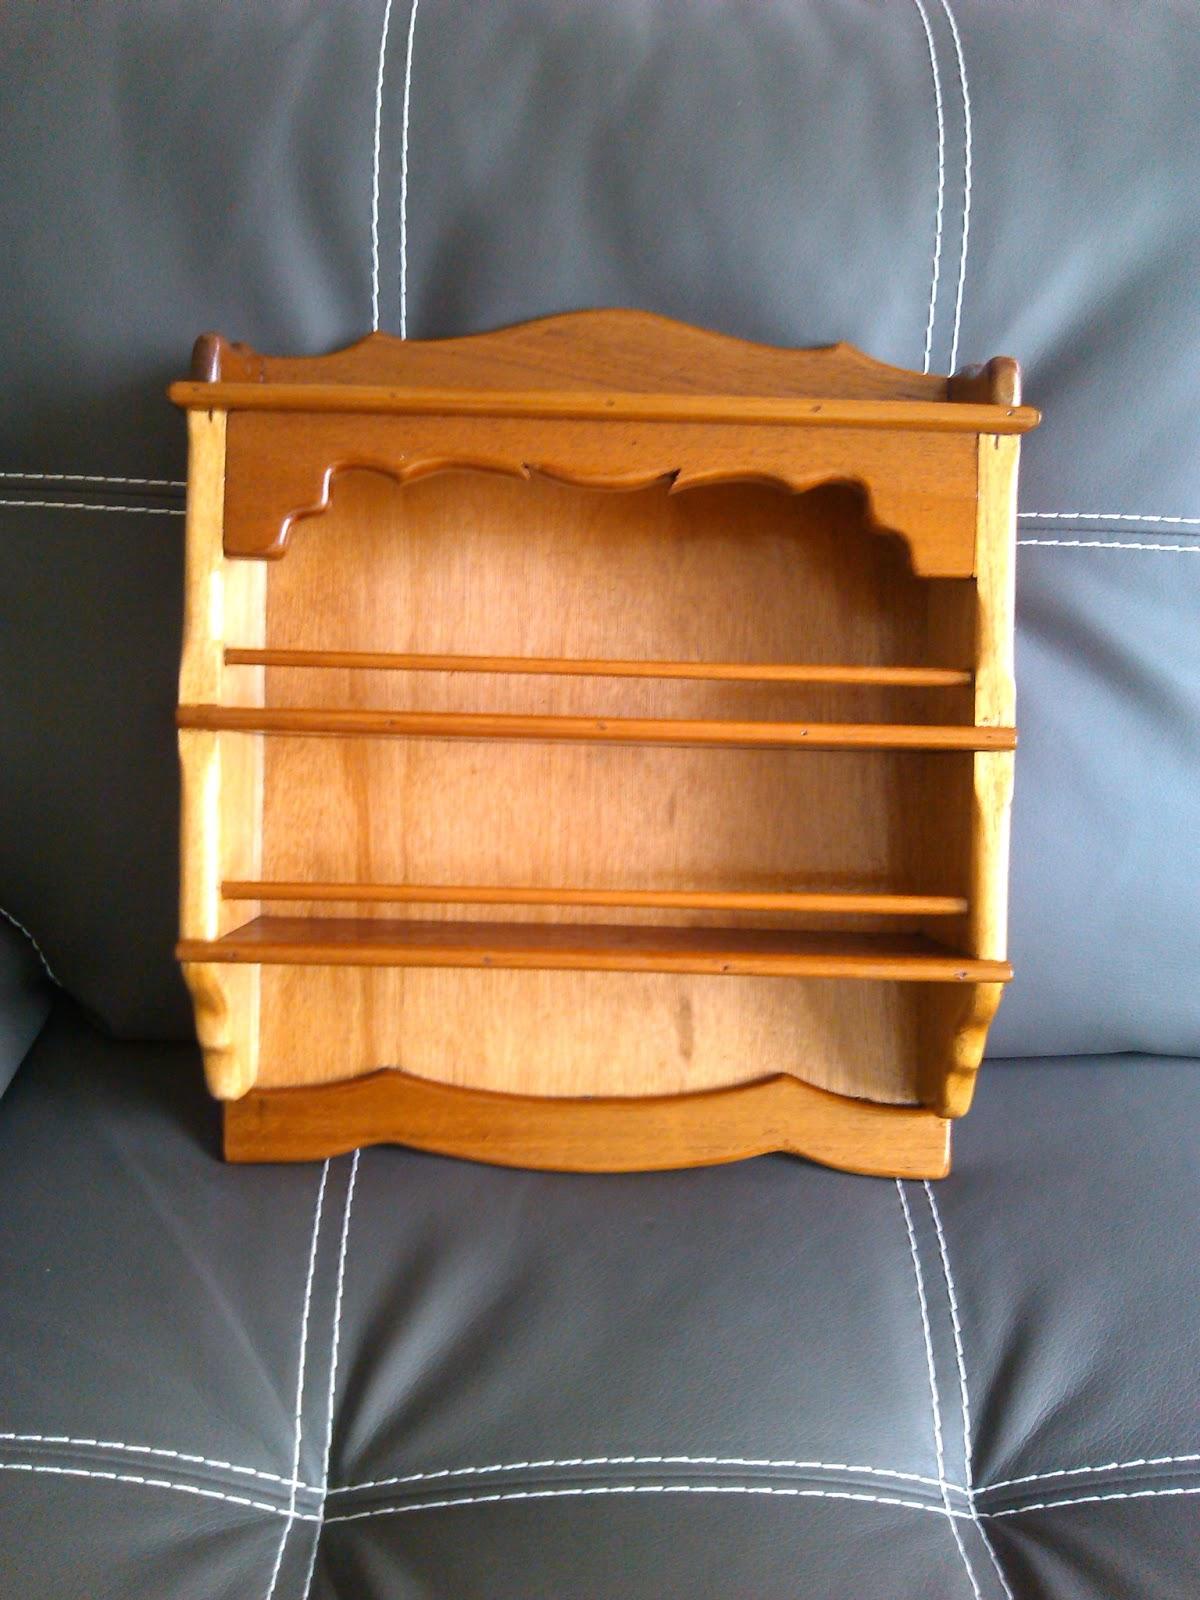 Todo de madera especieros de madera - Revestir pared con madera ...